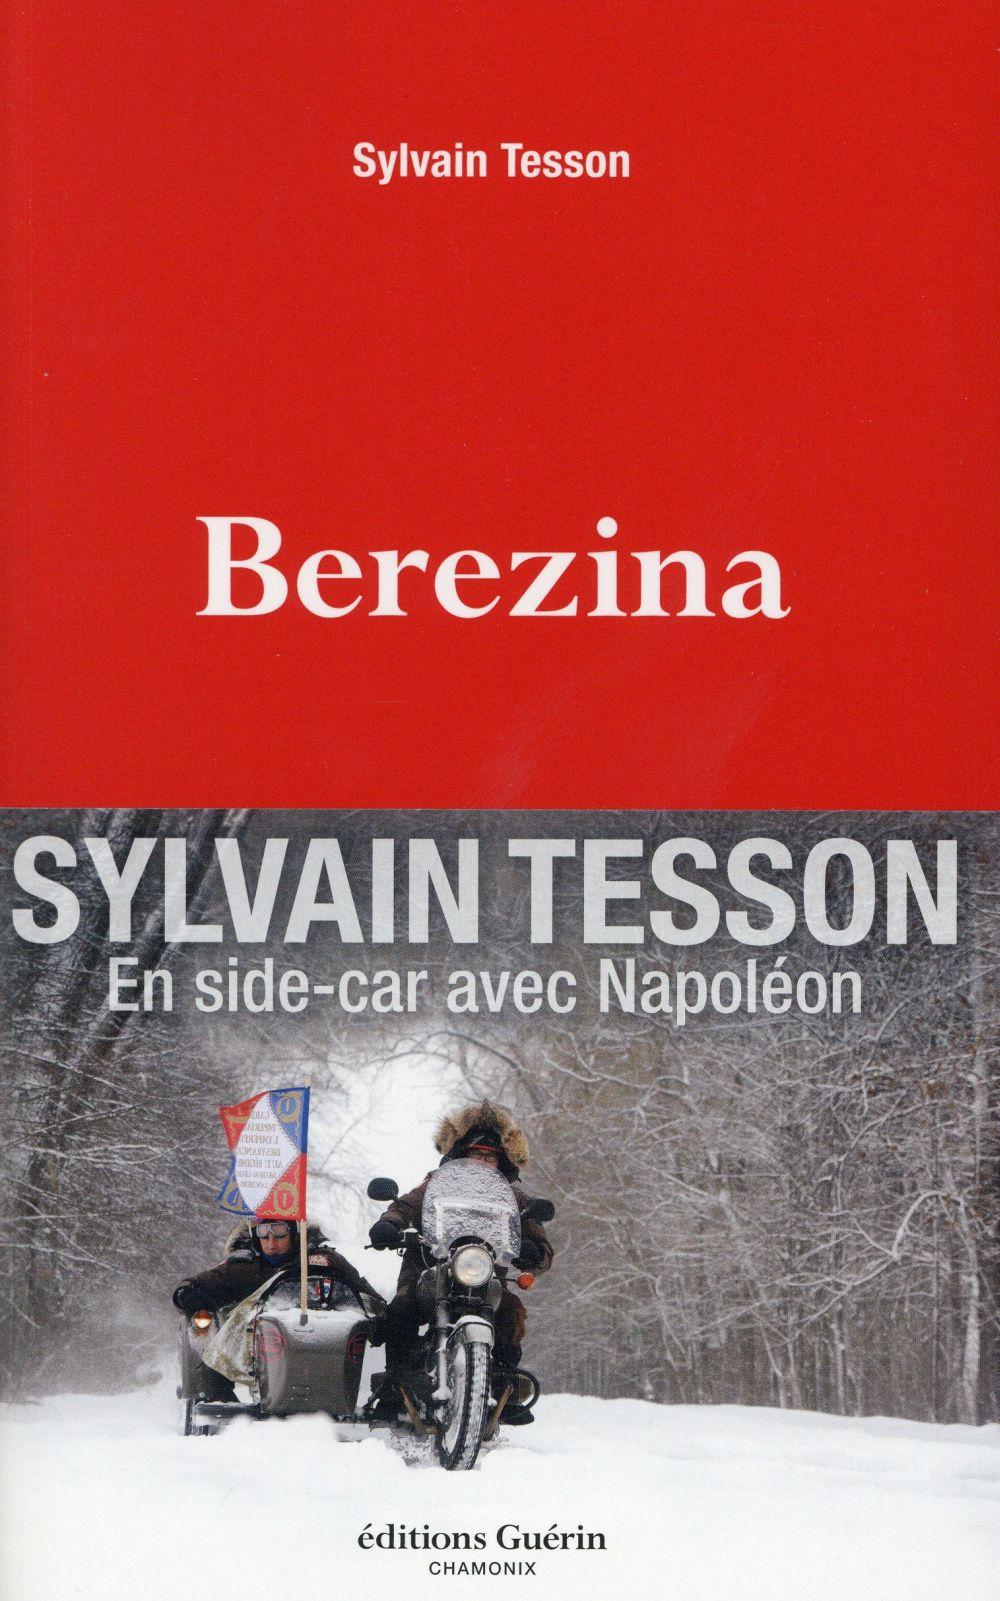 BEREZINA TESSON SYLVAIN Guérin